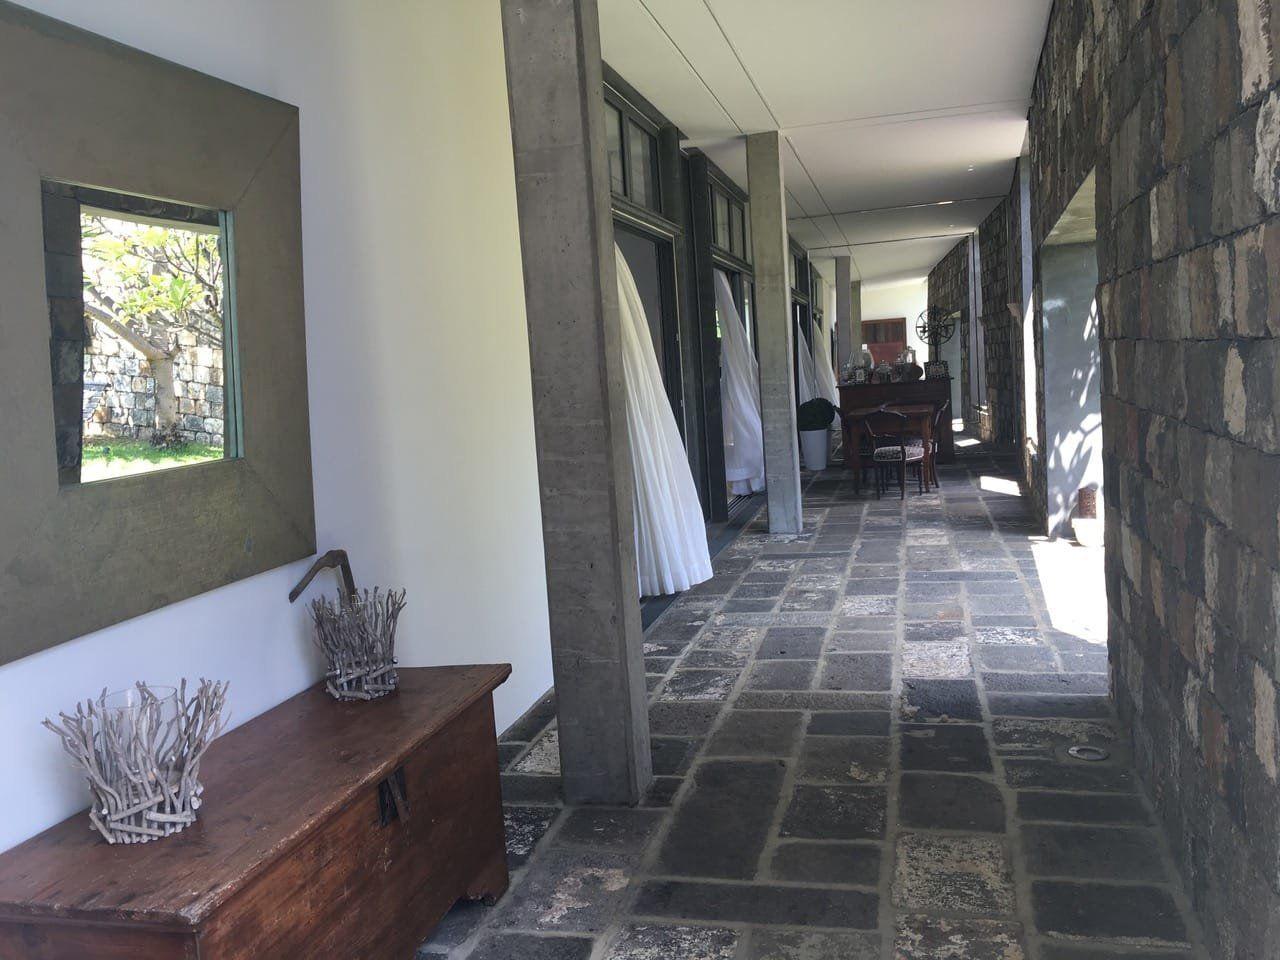 Maison à vendre 5 3657.57m2 à Ile Maurice vignette-9